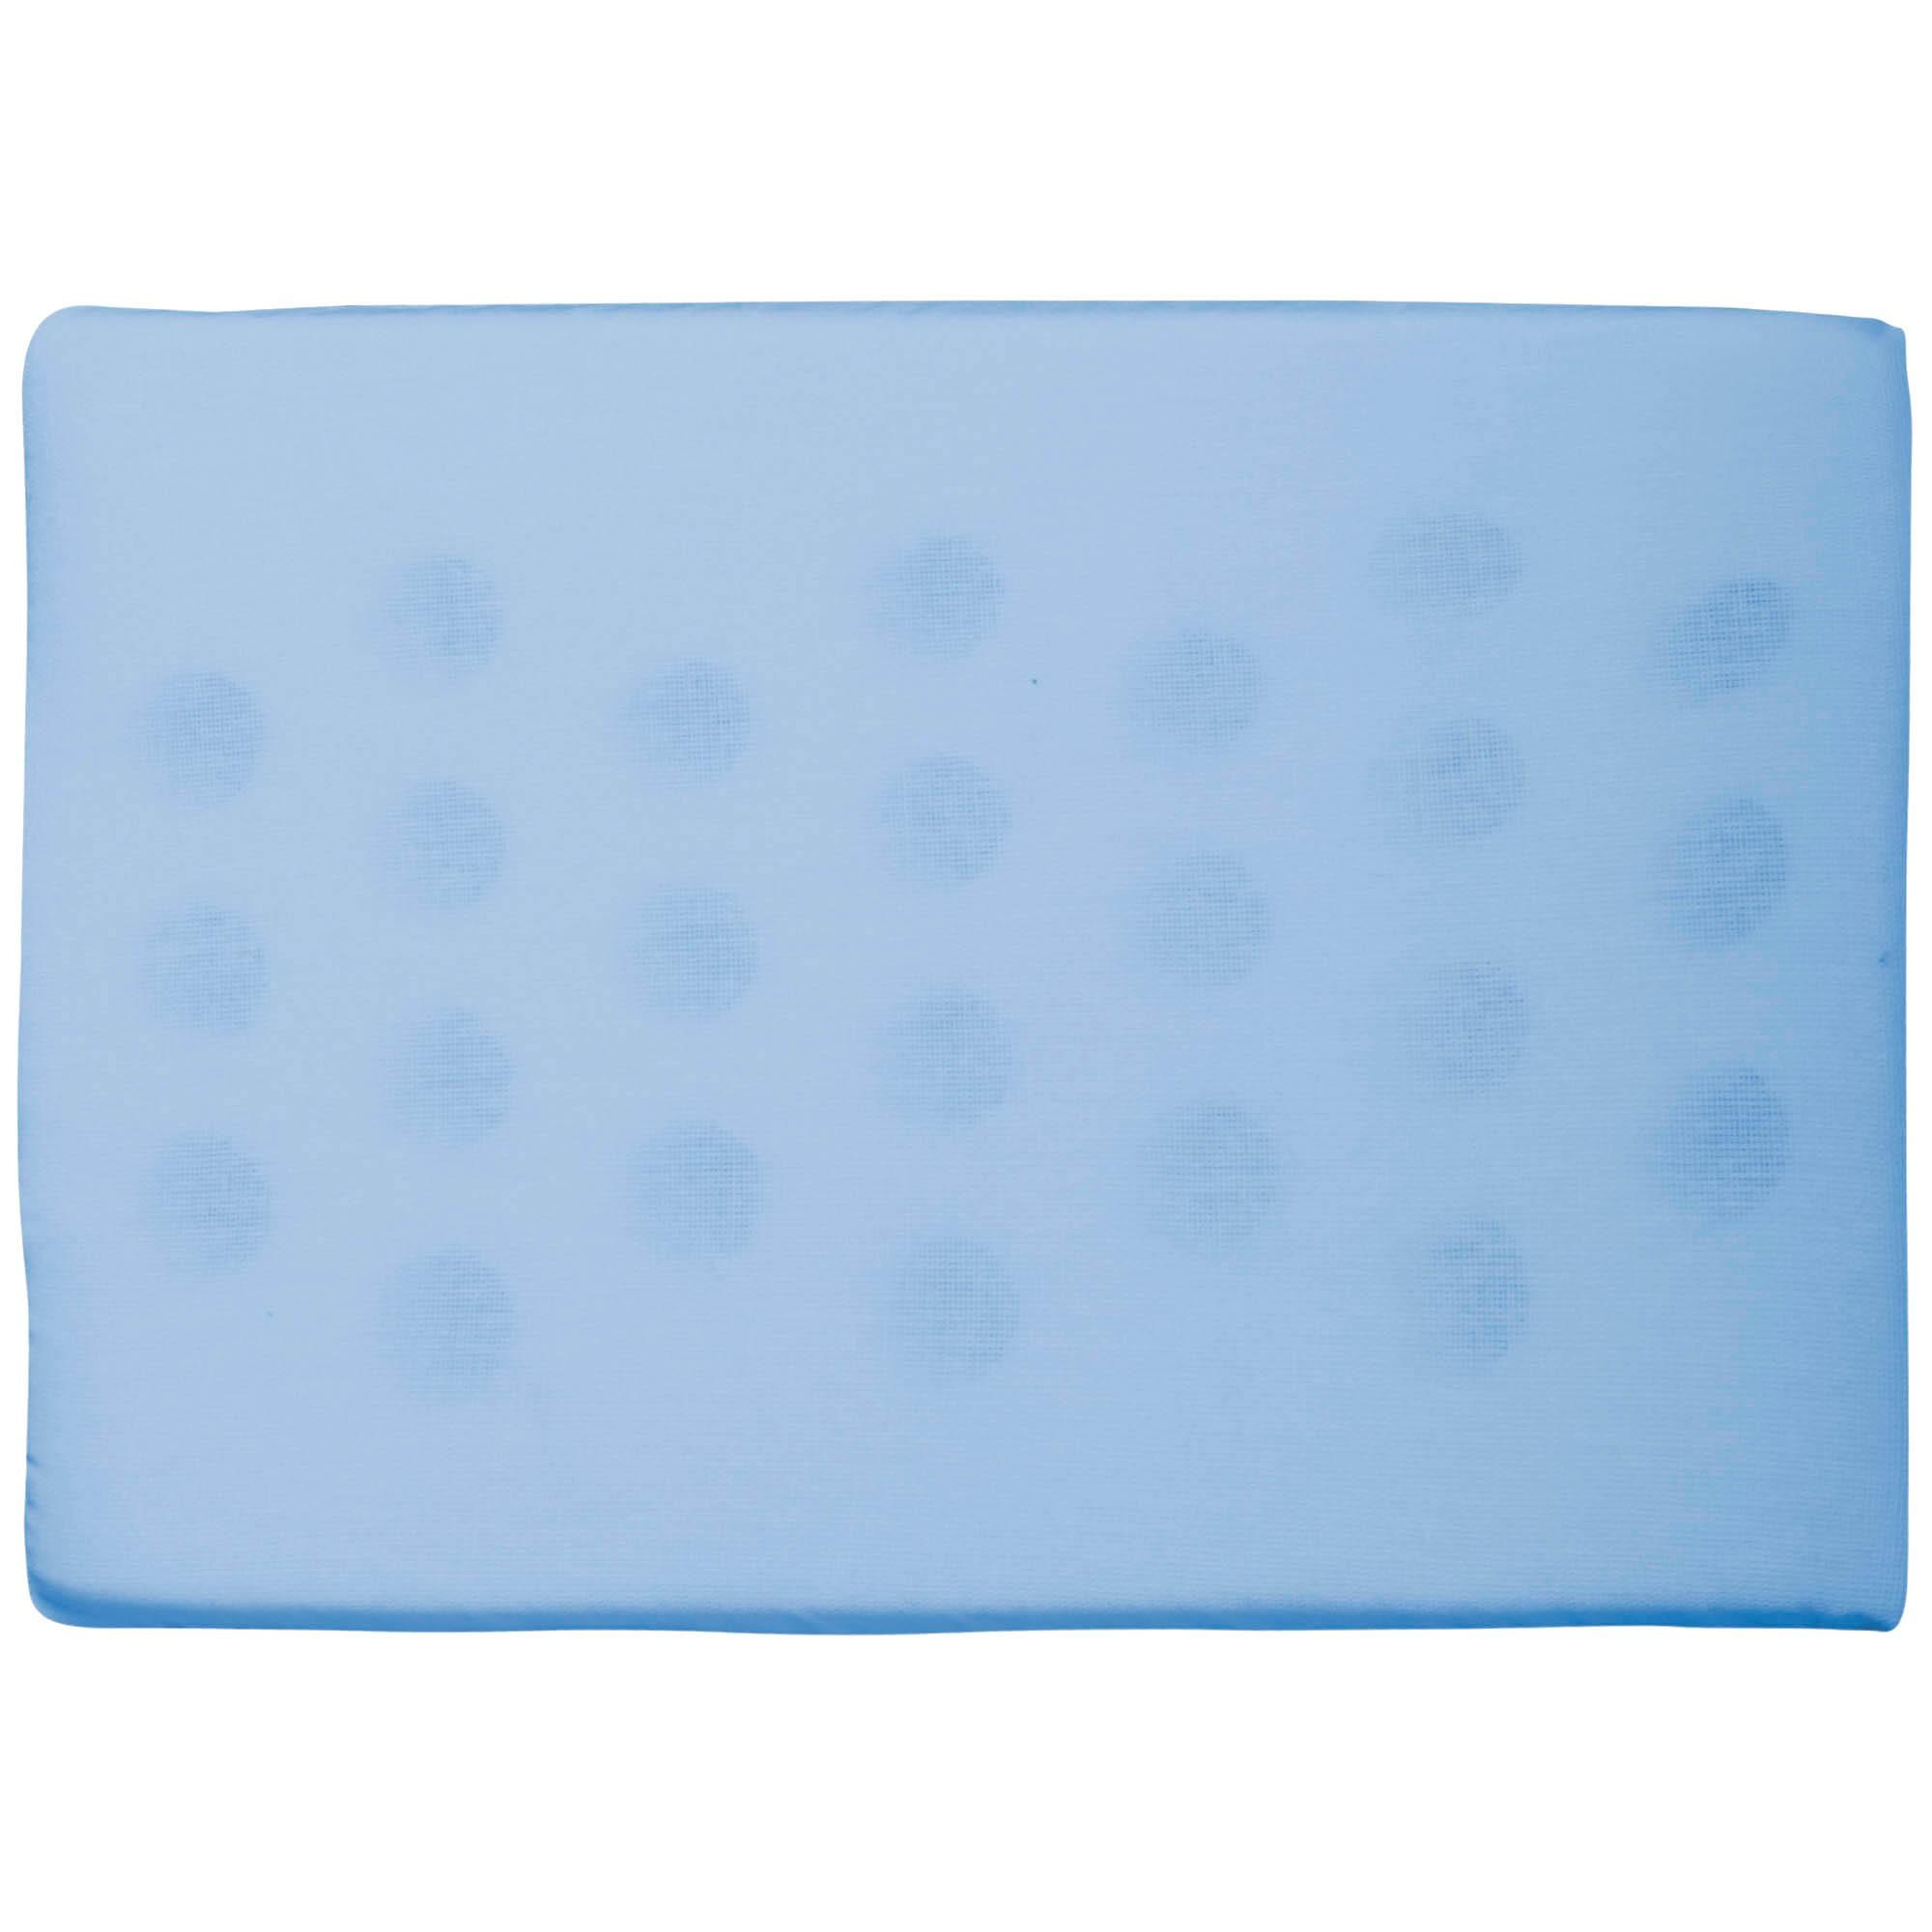 Travesseiro Antissufocante Liso - Incomfral - Bambi - Azul